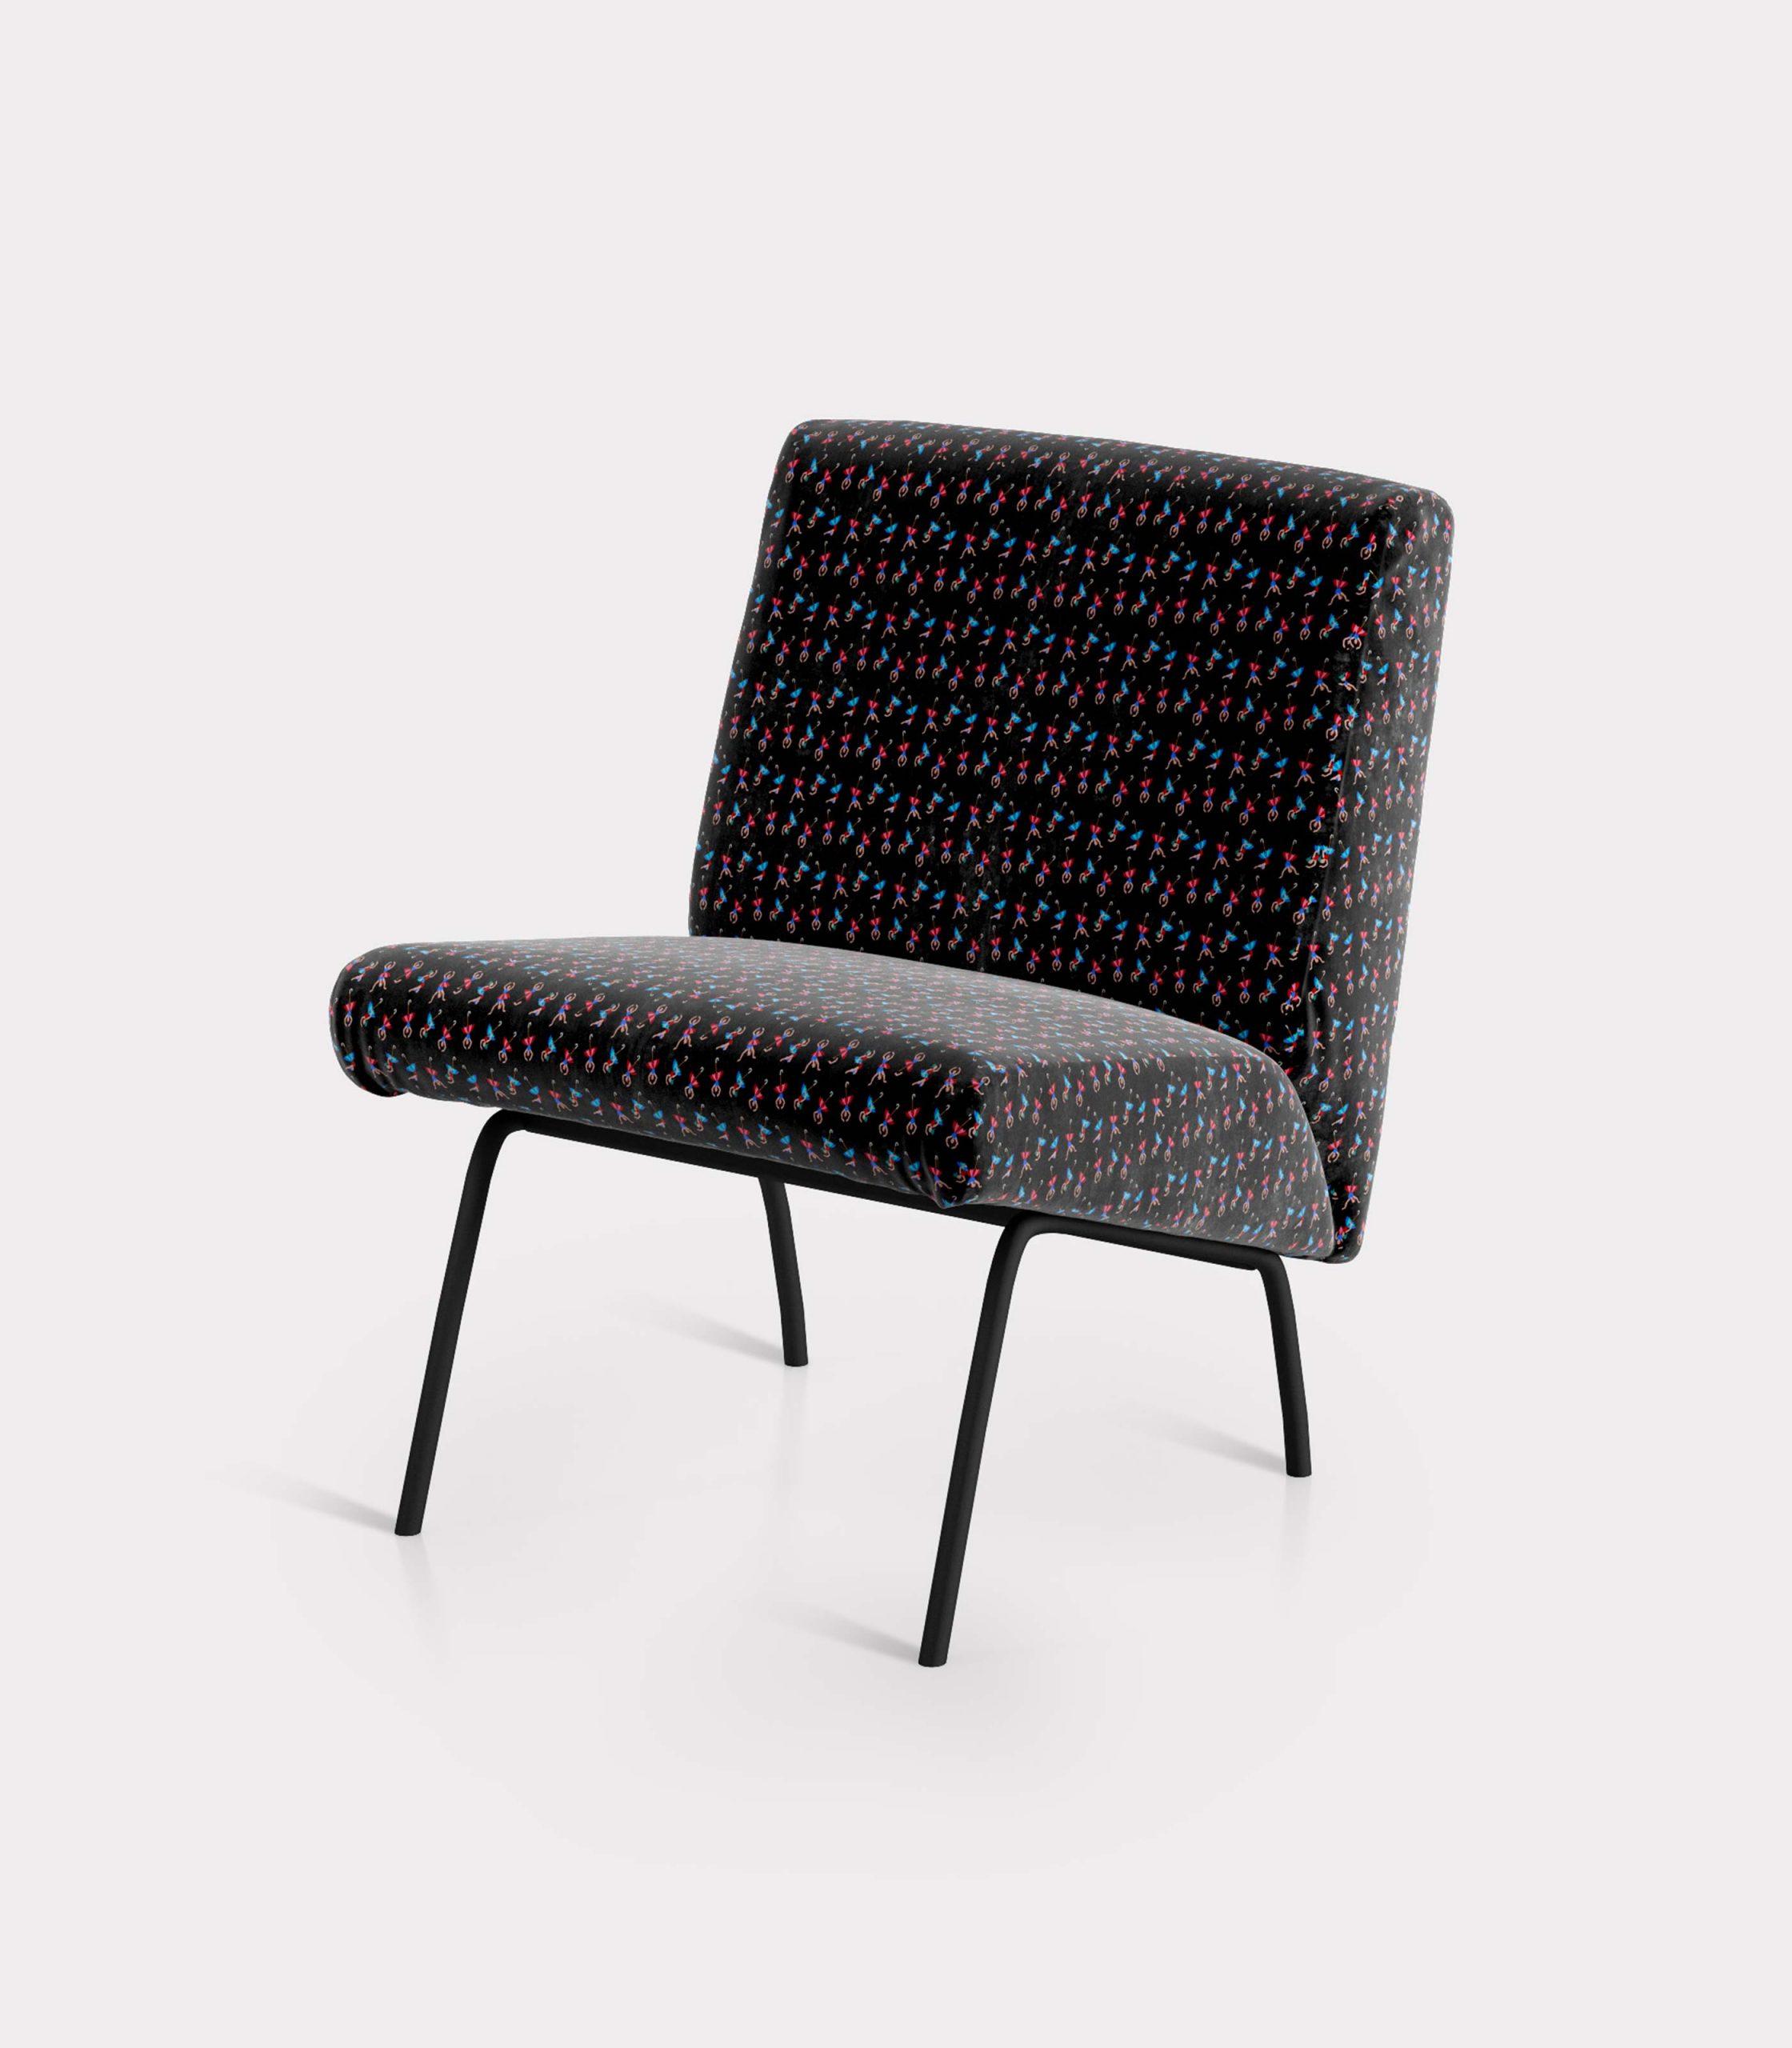 poltrona pattern ballerine e ombrelli loopo milano design FS